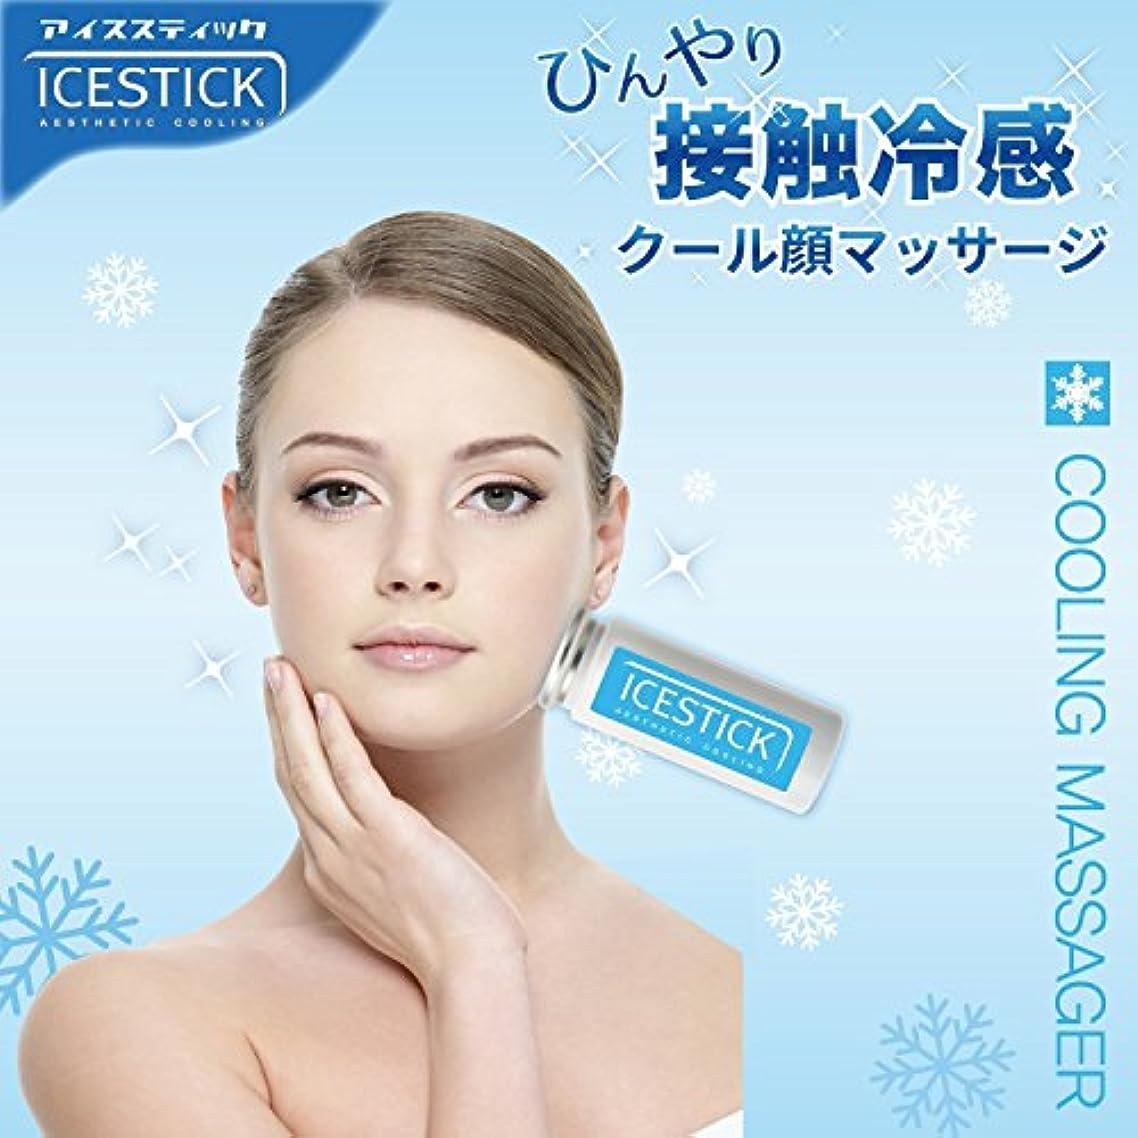 コーヒーミルク台風ice stick 3個セット アイススティック フェイスラインを 整えて 見た目 印象も スリムに! 冷却小顔 氷マッサージ ひんやり 接触冷感 クール 顔マッサージ きゅっと 小顔 に 引き締める 美顔 マッサージ!